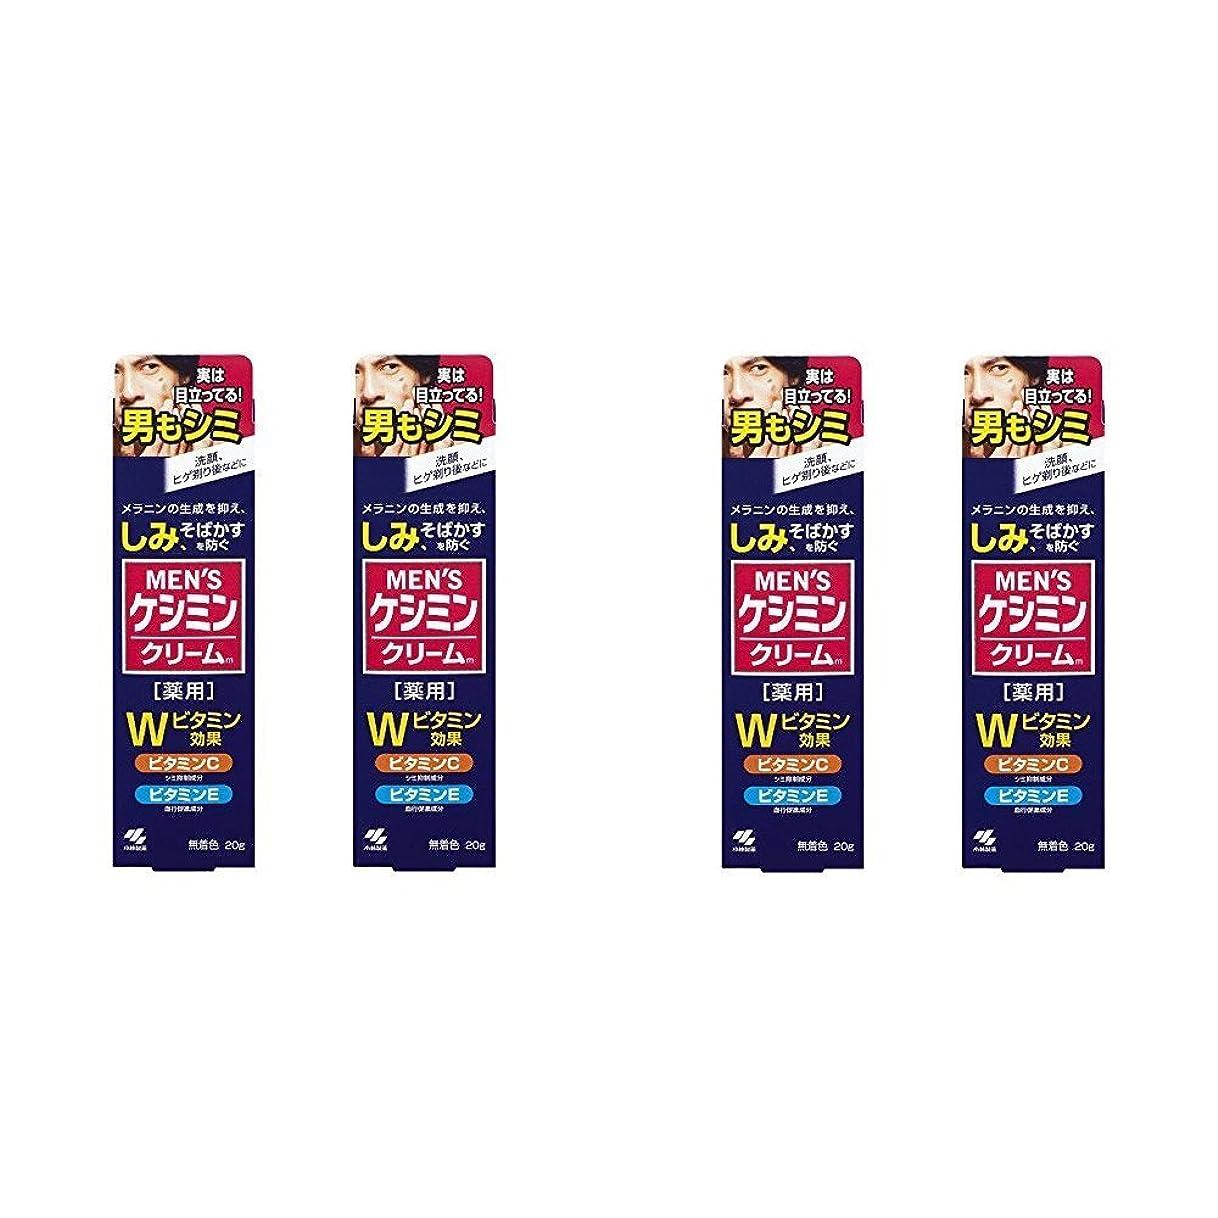 無声で評価可能ハイブリッド【セット品】メンズケシミンクリーム 男のシミ対策 20g (4個)